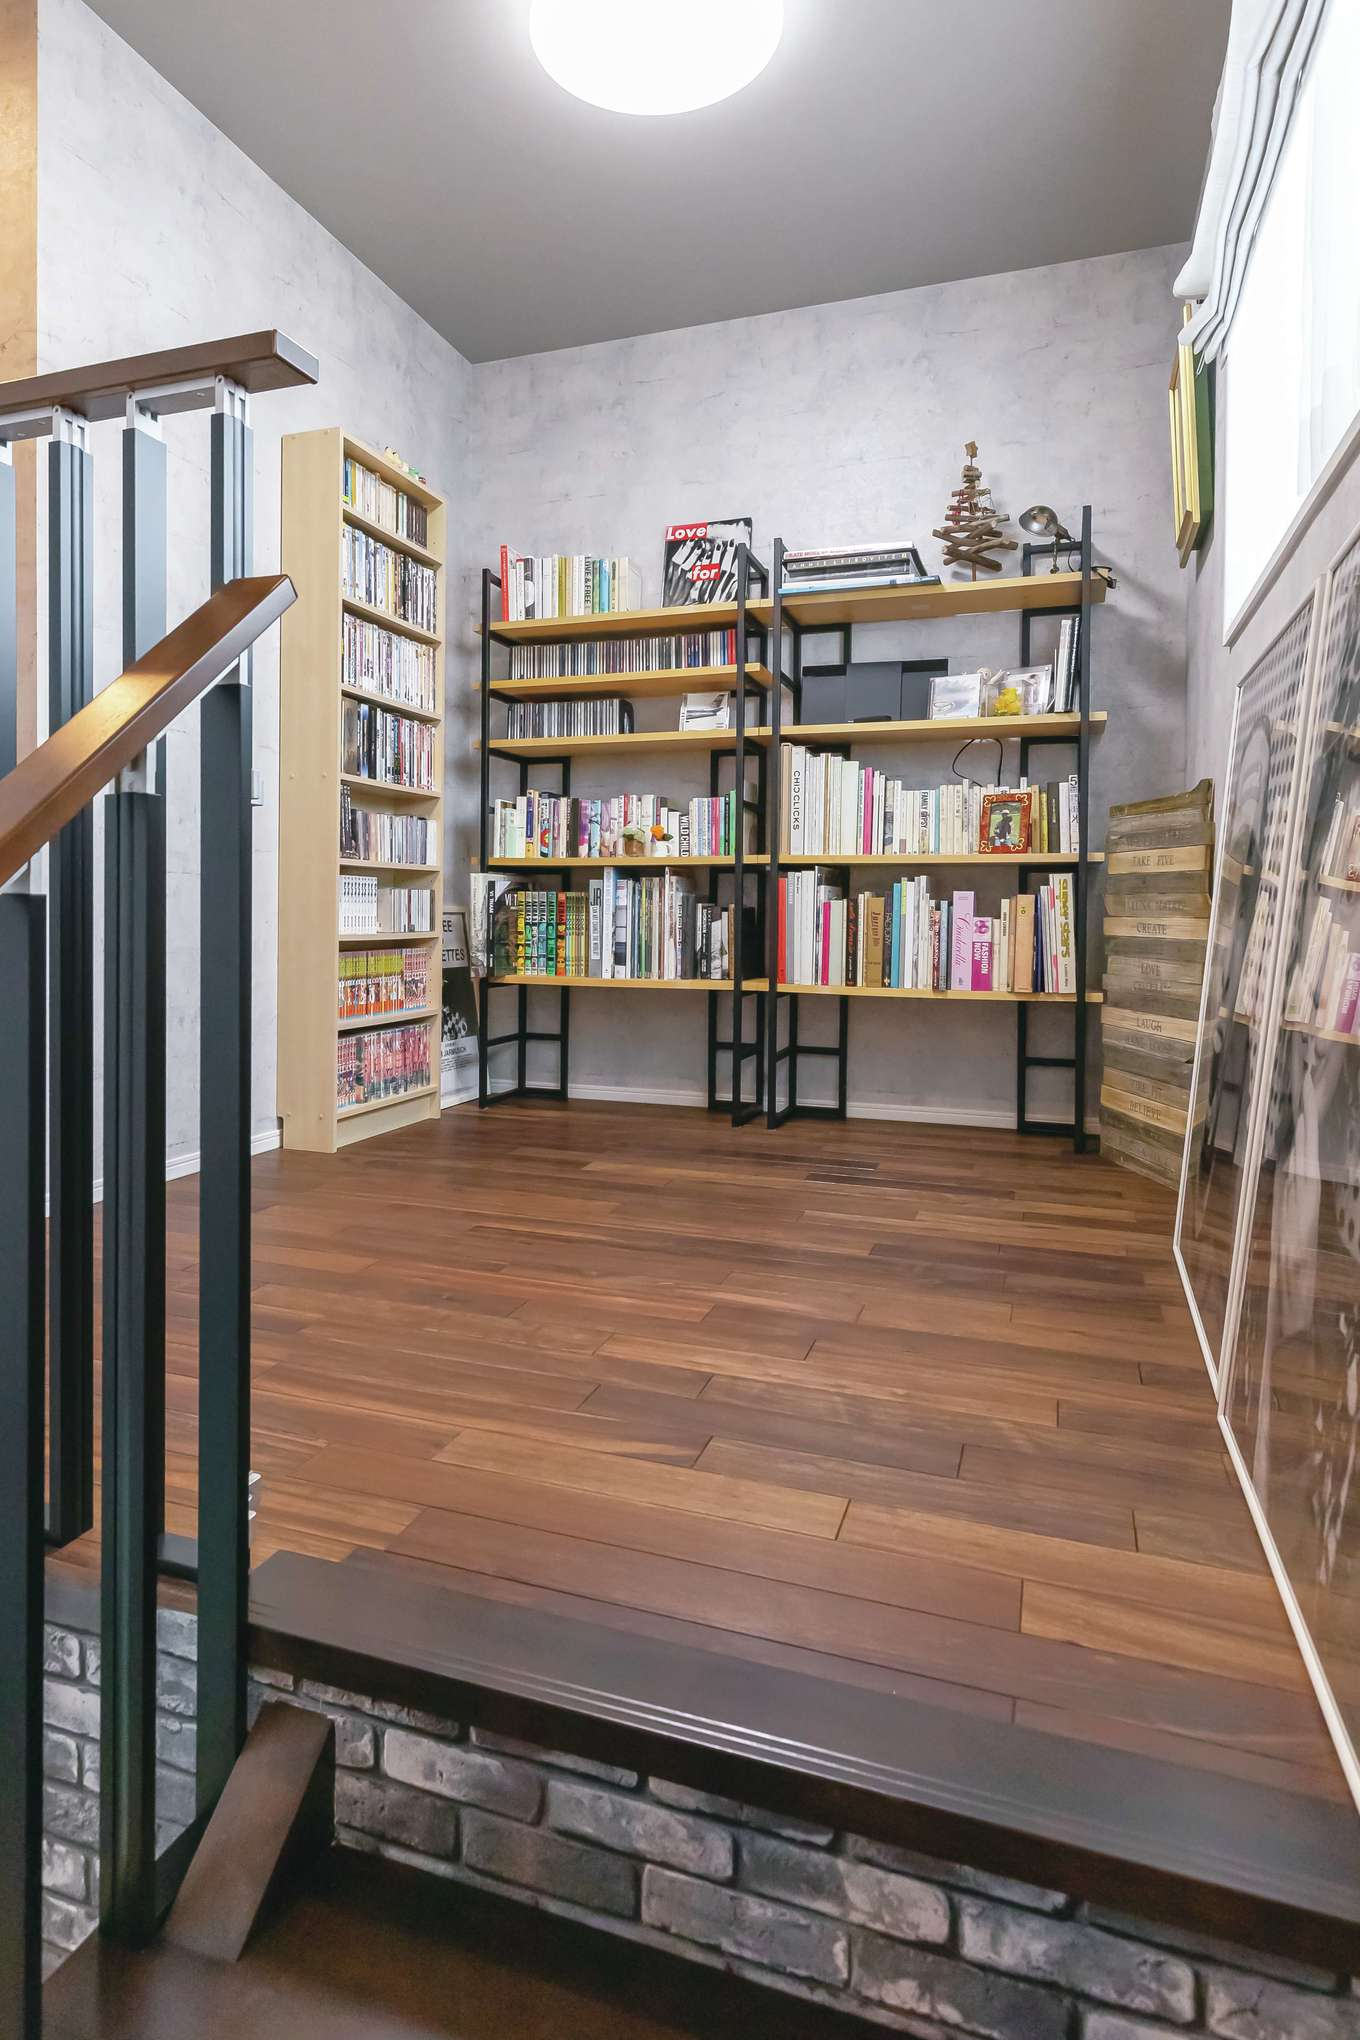 丸昇彦坂建設【1000万円台、デザイン住宅、子育て】階段を上がった先にあるフリースペース。壁に本棚を造作し、夫婦の愛読書や雑誌、写真集、コミック、DVDなどがずらりと並ぶ。